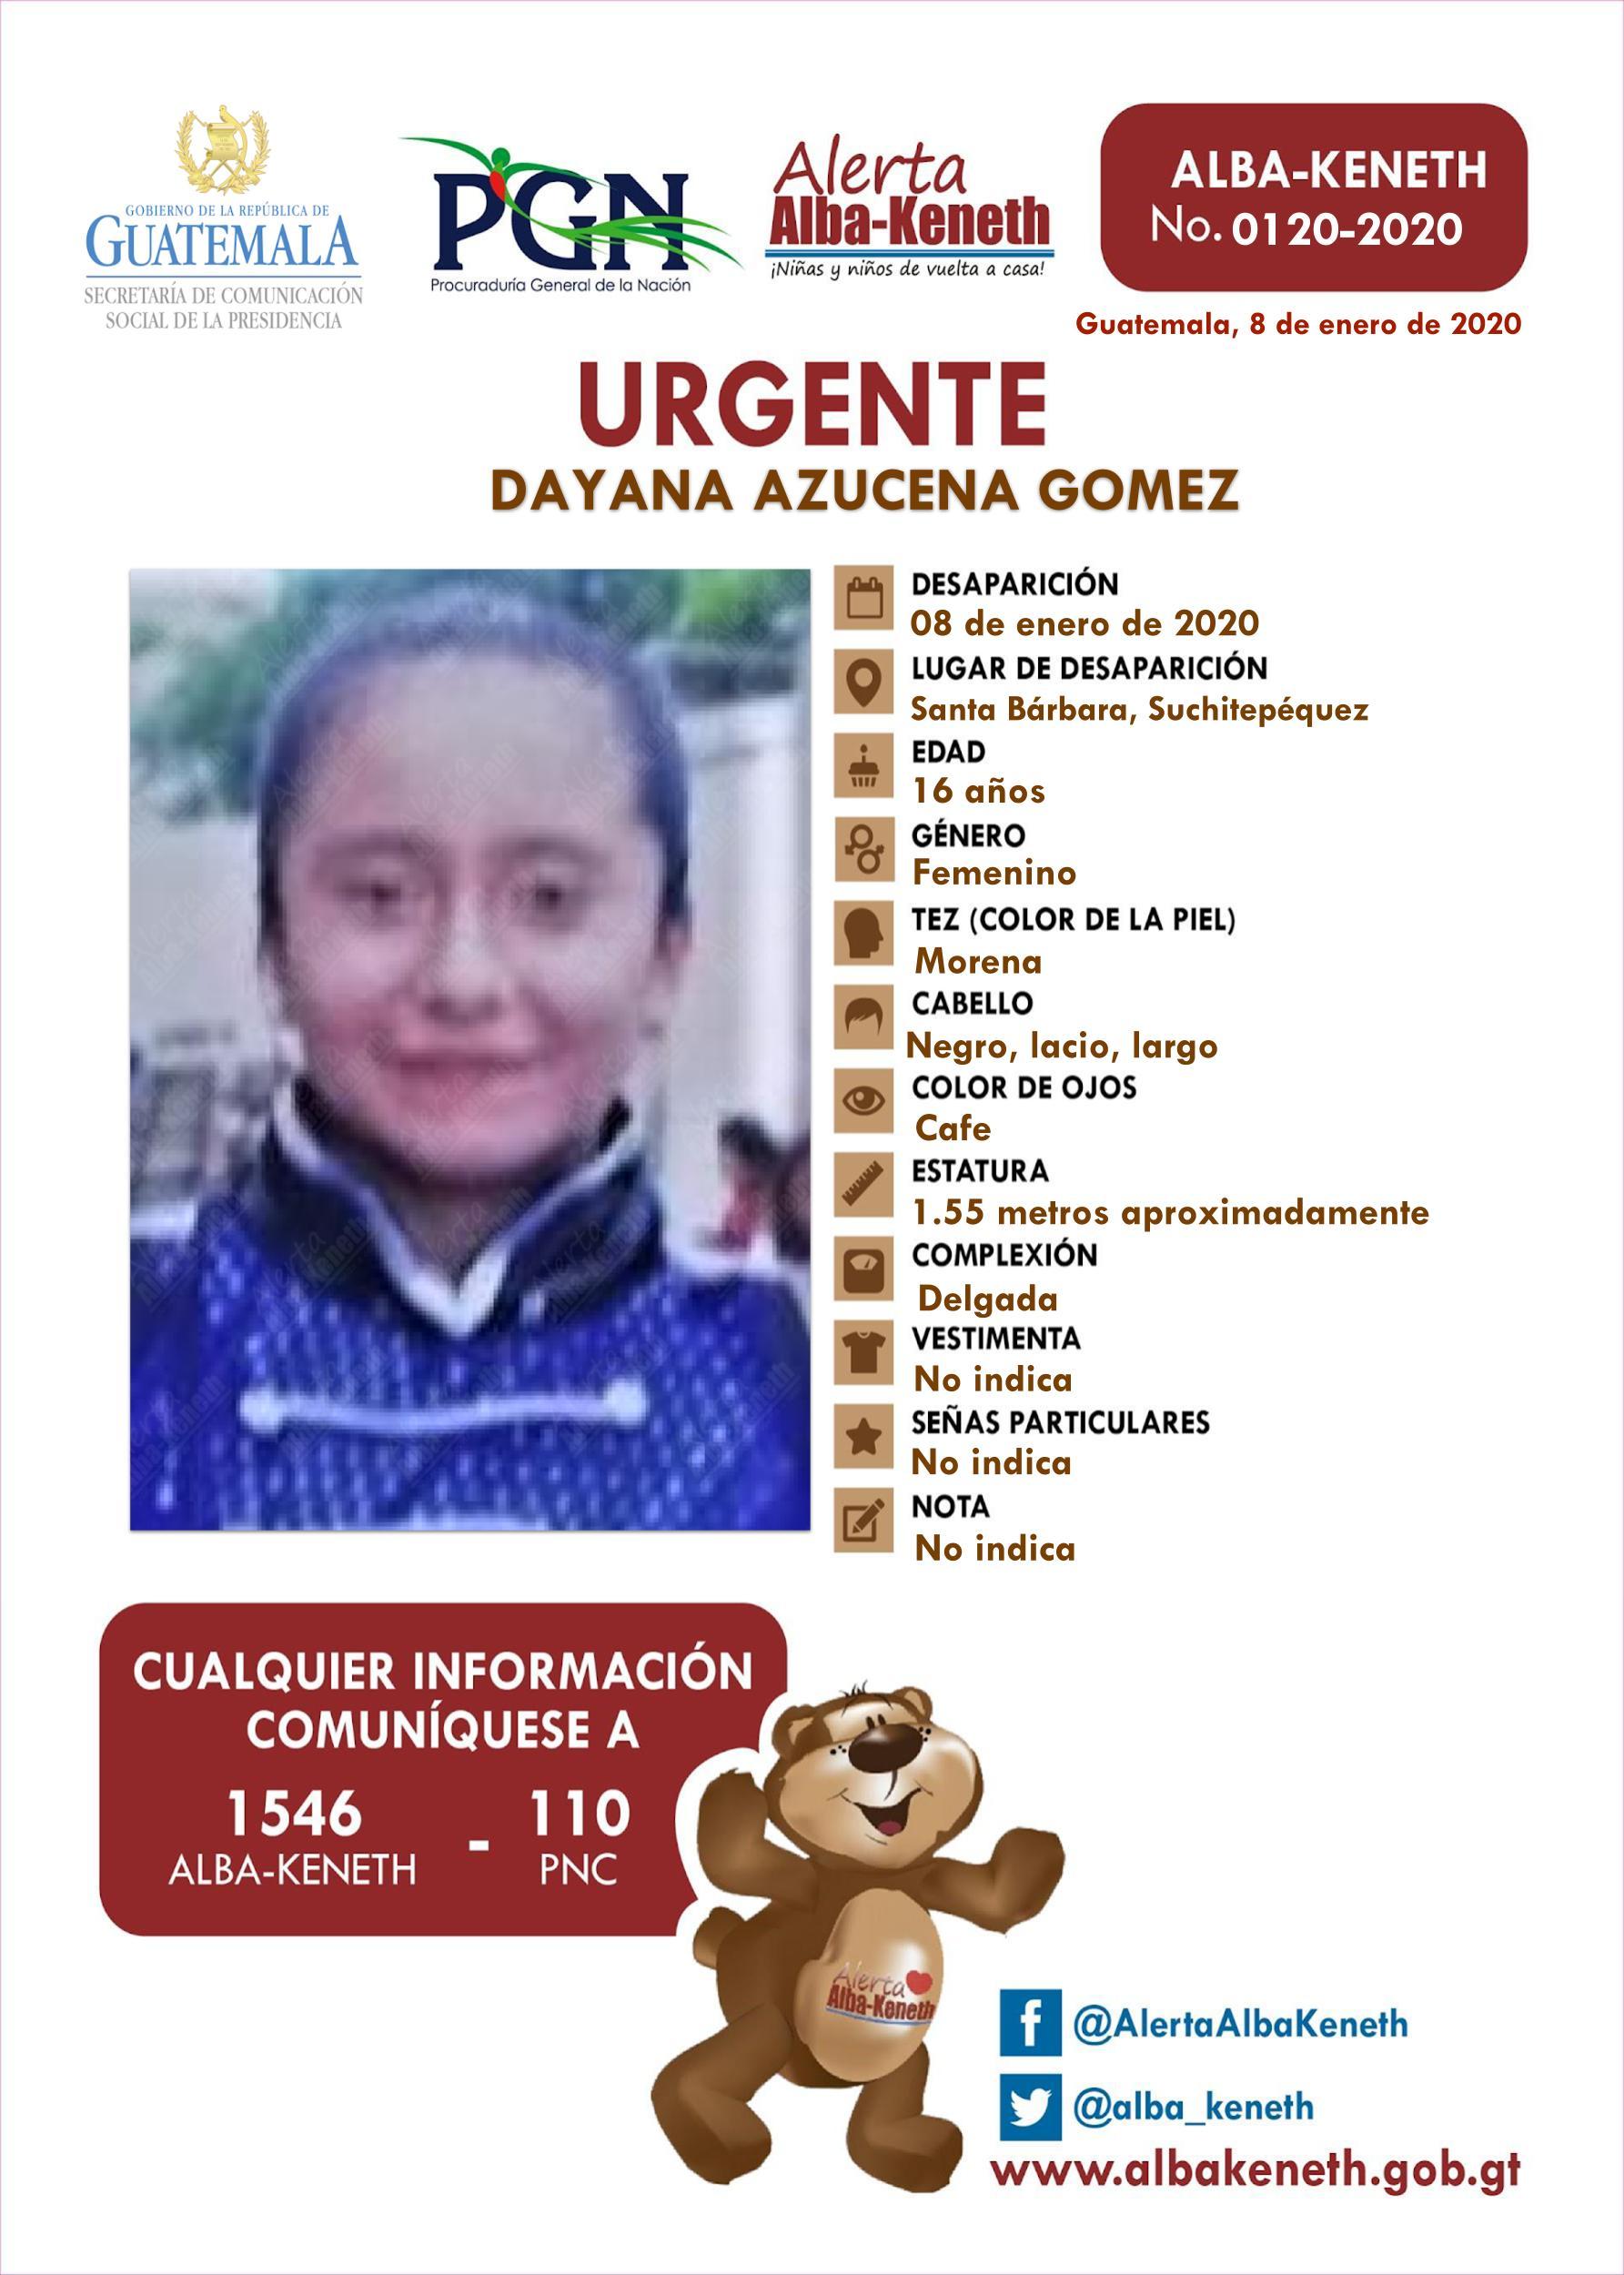 Dayana Azucena Gomez